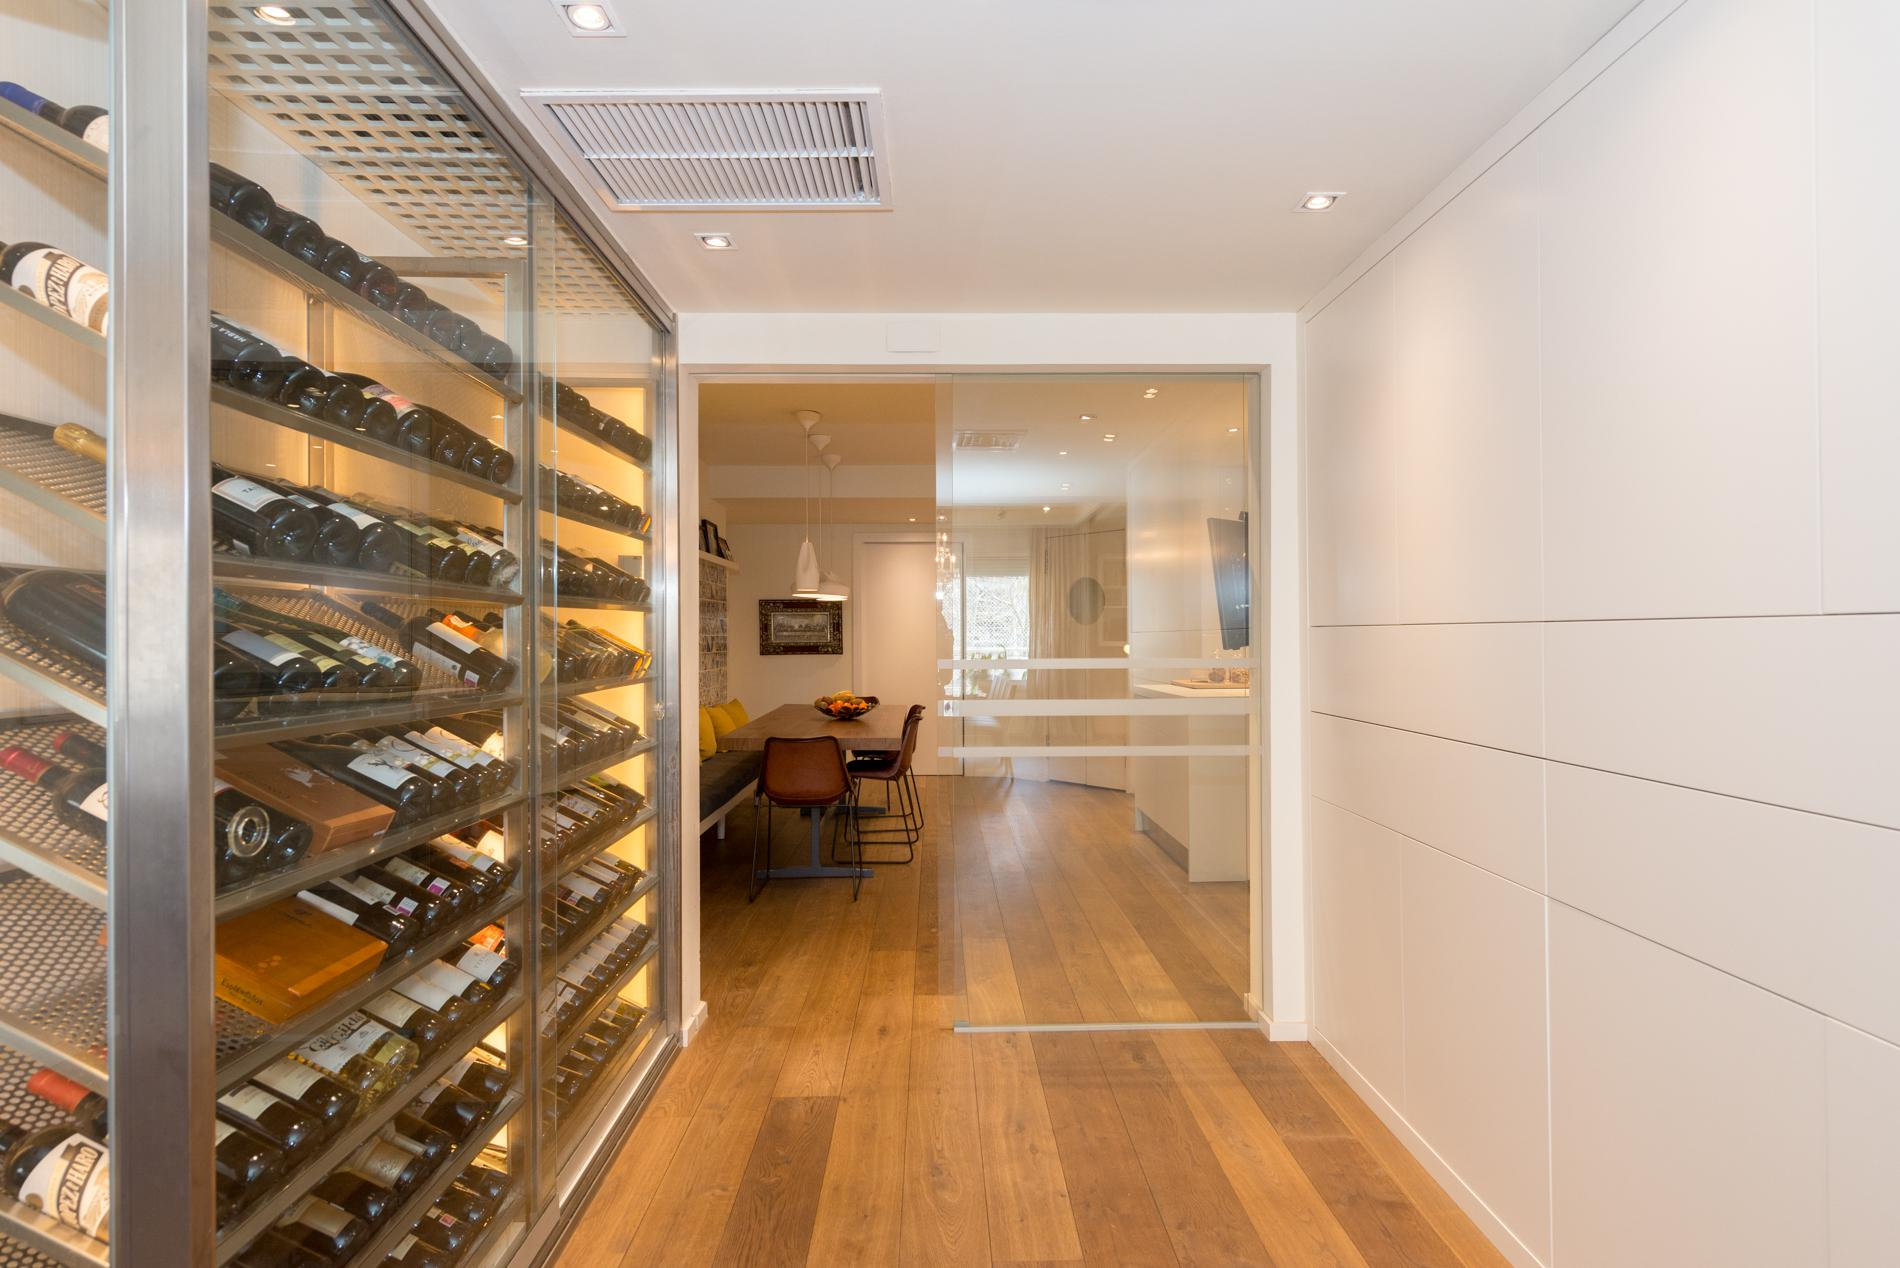 222426 Apartment for sale in Eixample, Dreta Eixample 14